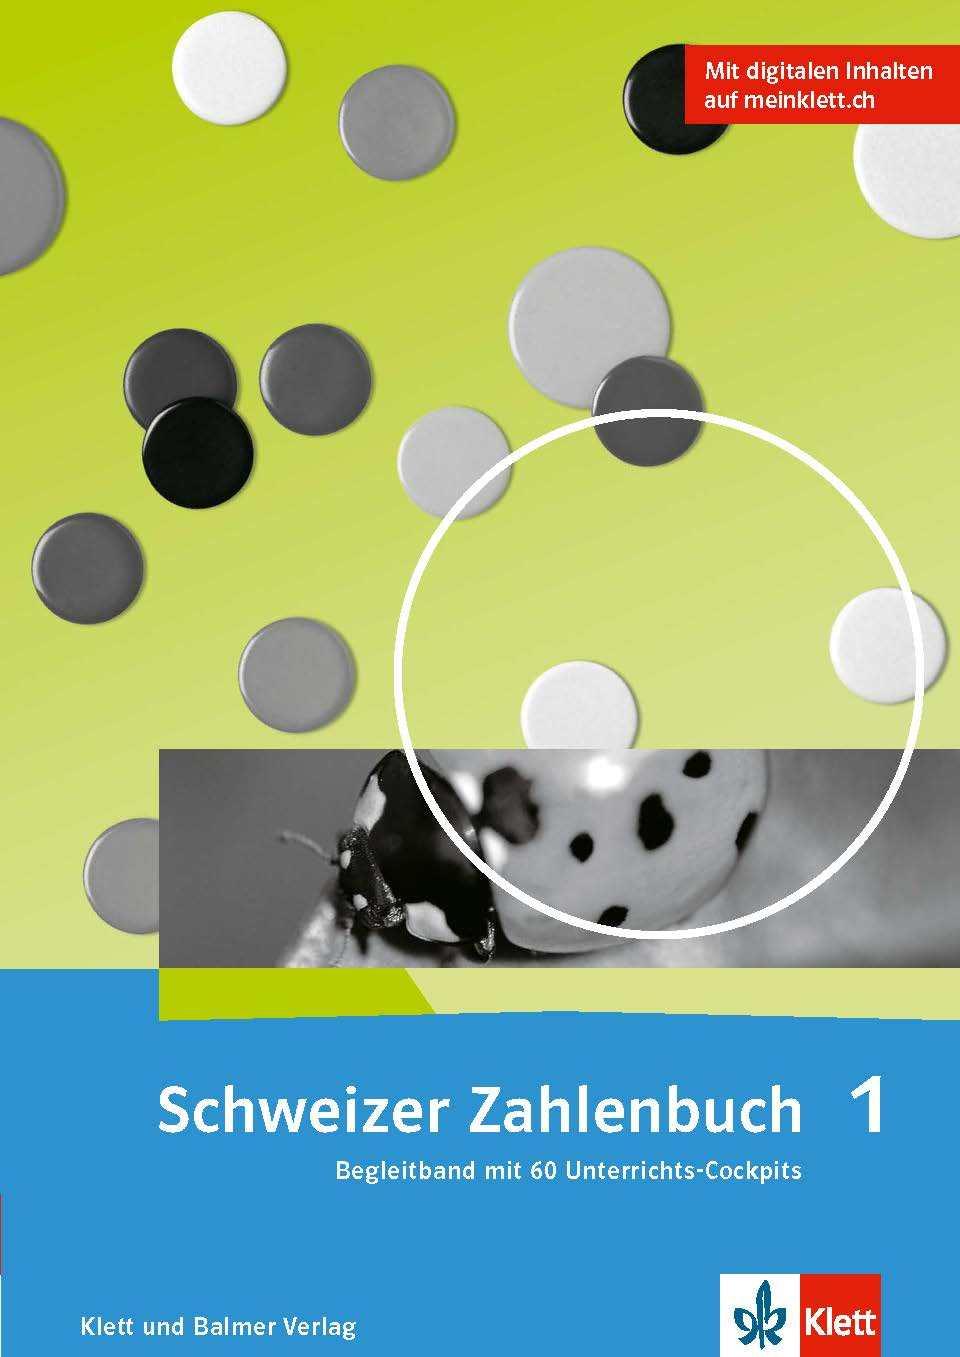 Schweizer Zahlenbuch 1 Ausgabe ab 2017 Begleitband 978 3 264 84703 1 klett und balmer